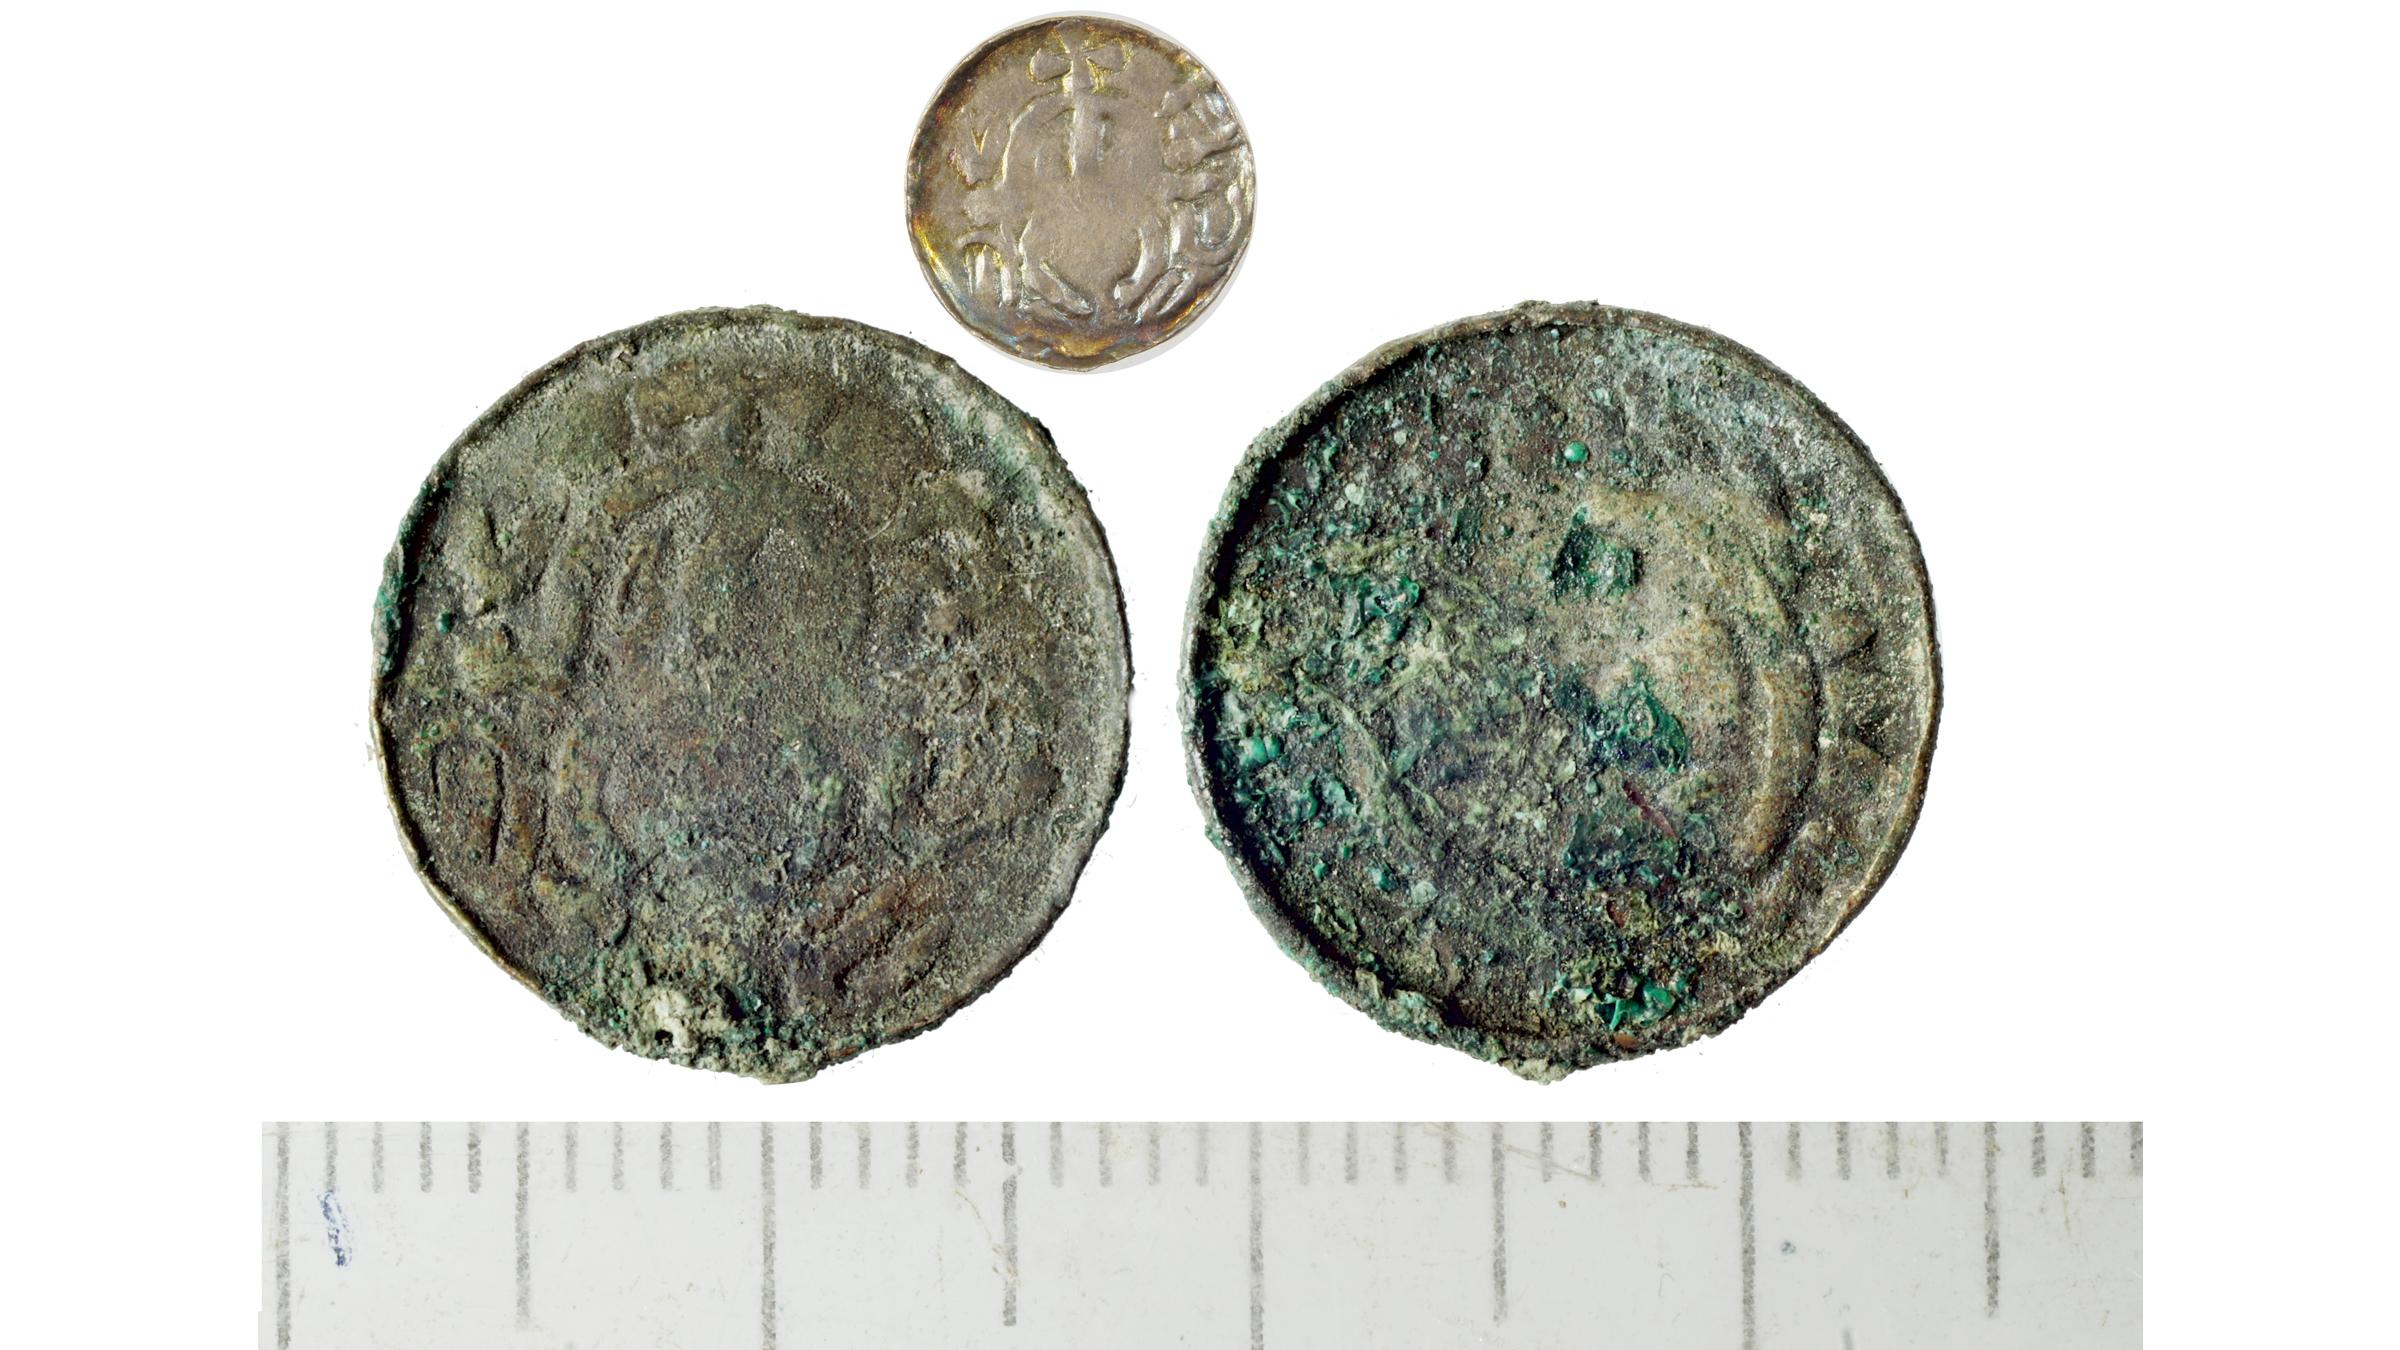 A denarius (silver coin) of Sieciech, a high-ranking Polish statesman, dated to 1095-1100.